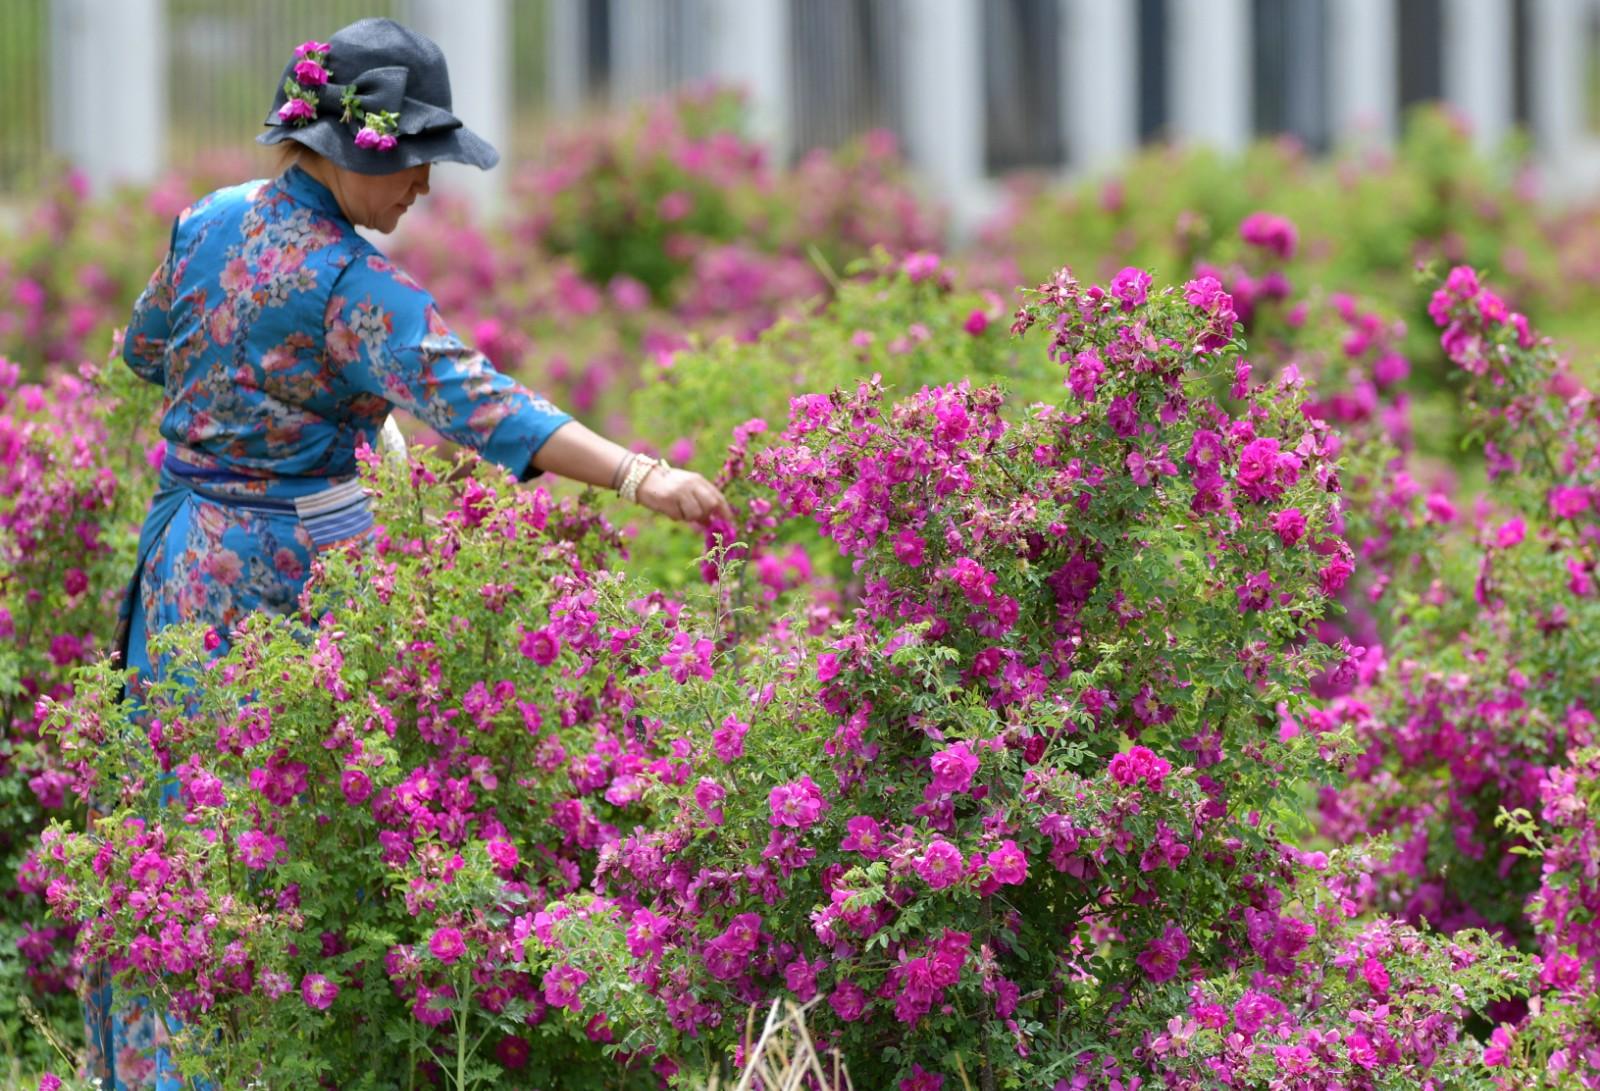 高原玫瑰芬芳四溢迎宾客     一名游客在拉萨市达孜区现代农业产业园玫瑰种植基地采摘玫瑰(6月9日摄)。     近日,在西藏拉萨市达孜区现代农业产业园,由西藏玫瑰生物科技发展有限公司种植的200亩玫瑰盛开,吸引众多游客前来观赏采摘。     新华社记者 张汝锋 摄